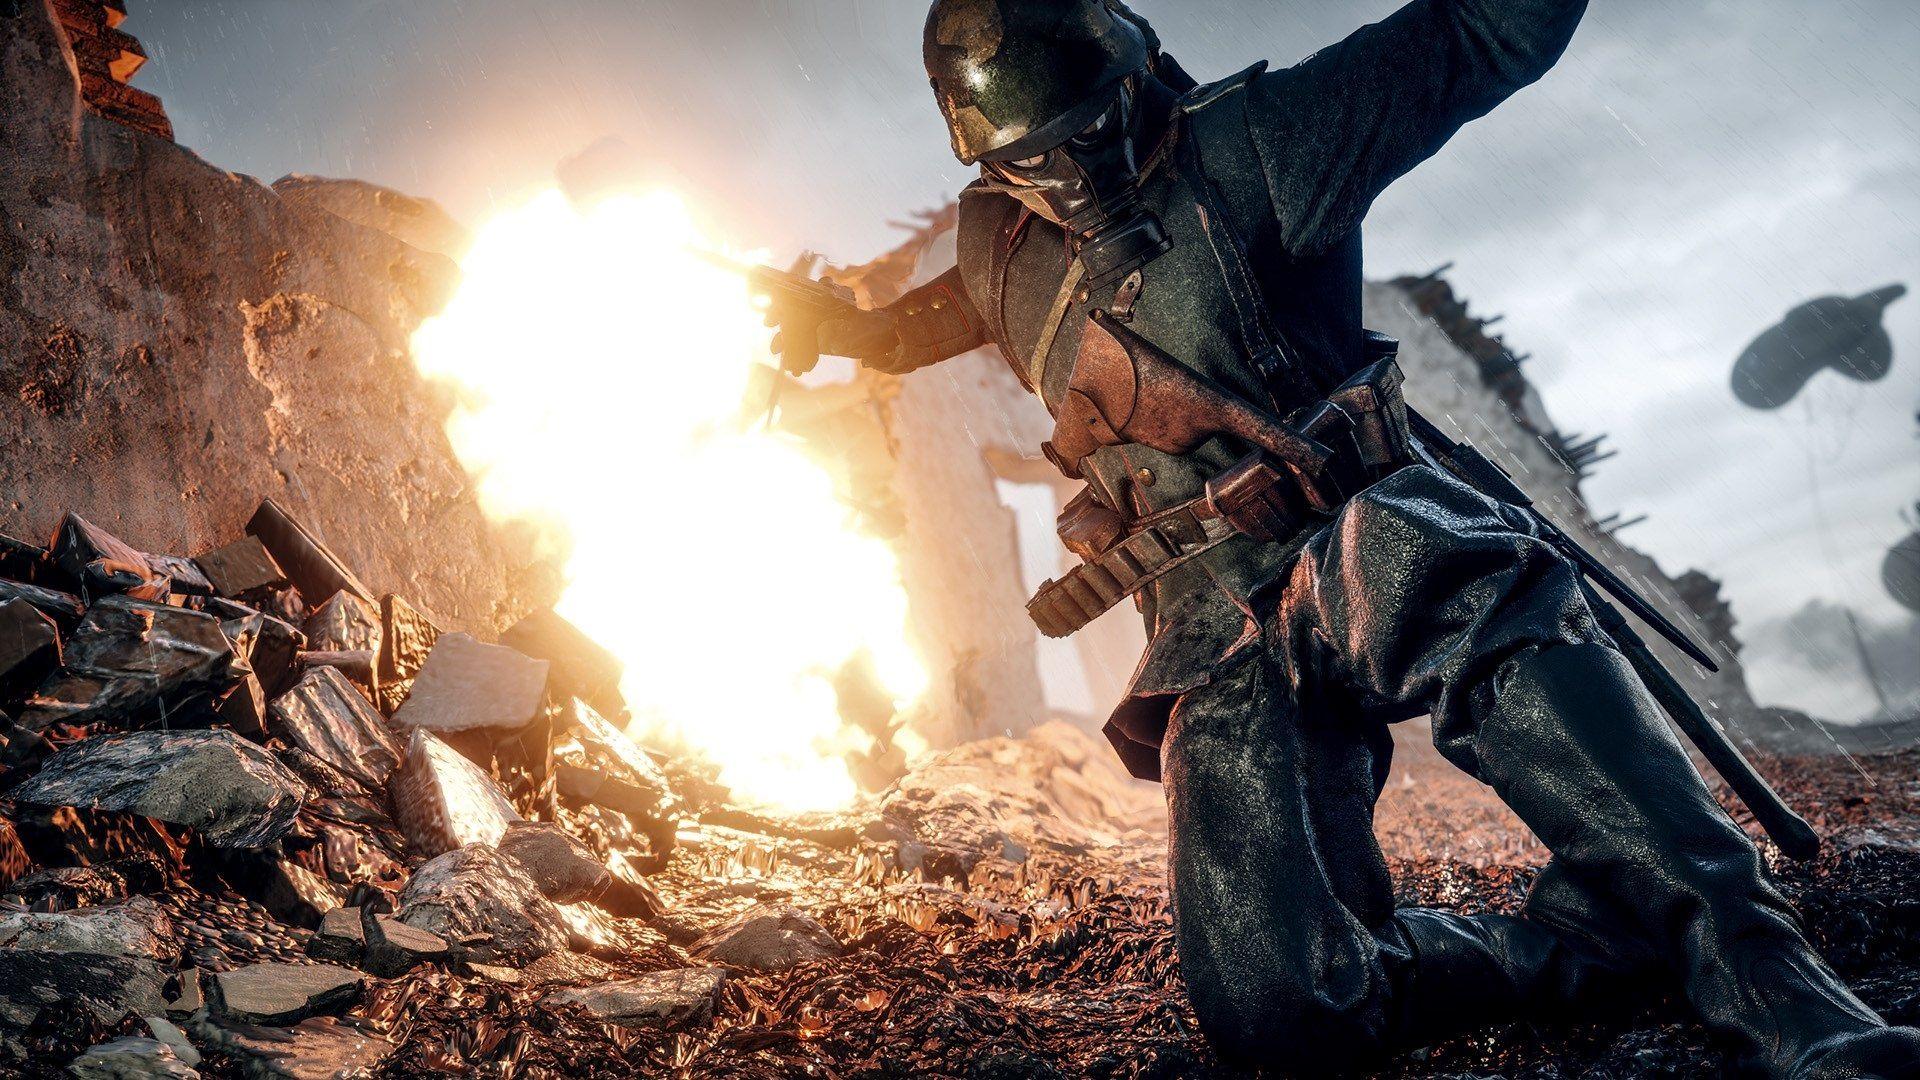 1920x1080 Battlefield 1 Desktop Backgrounds Wallpaper Battlefield Battlefield 1 World Warfare